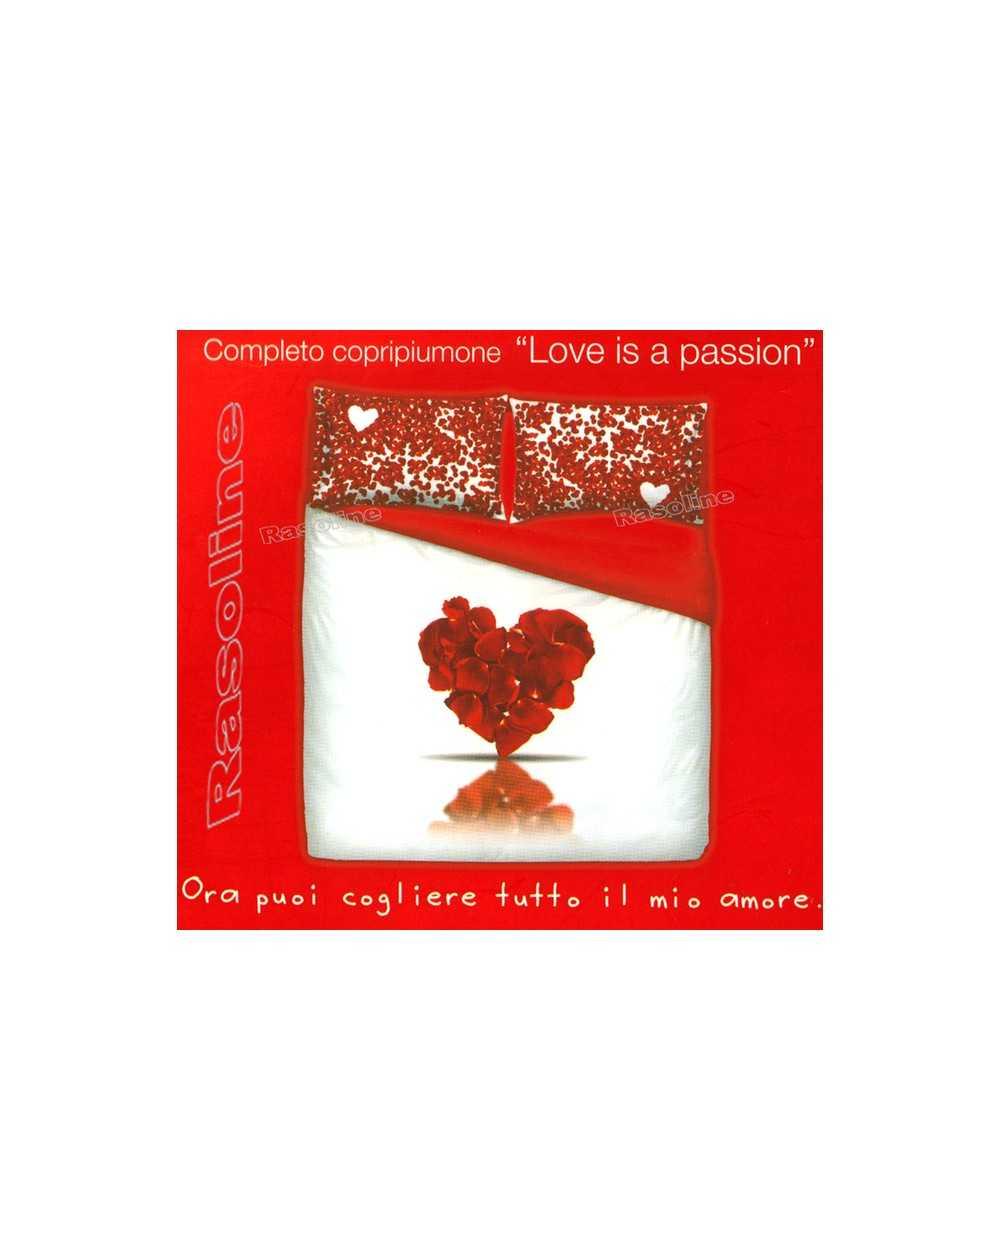 Completo Copripiumino Letto Matrimoniale Love Is Passion By Bassetti - Rosso - Rasoline L.F.D. Home